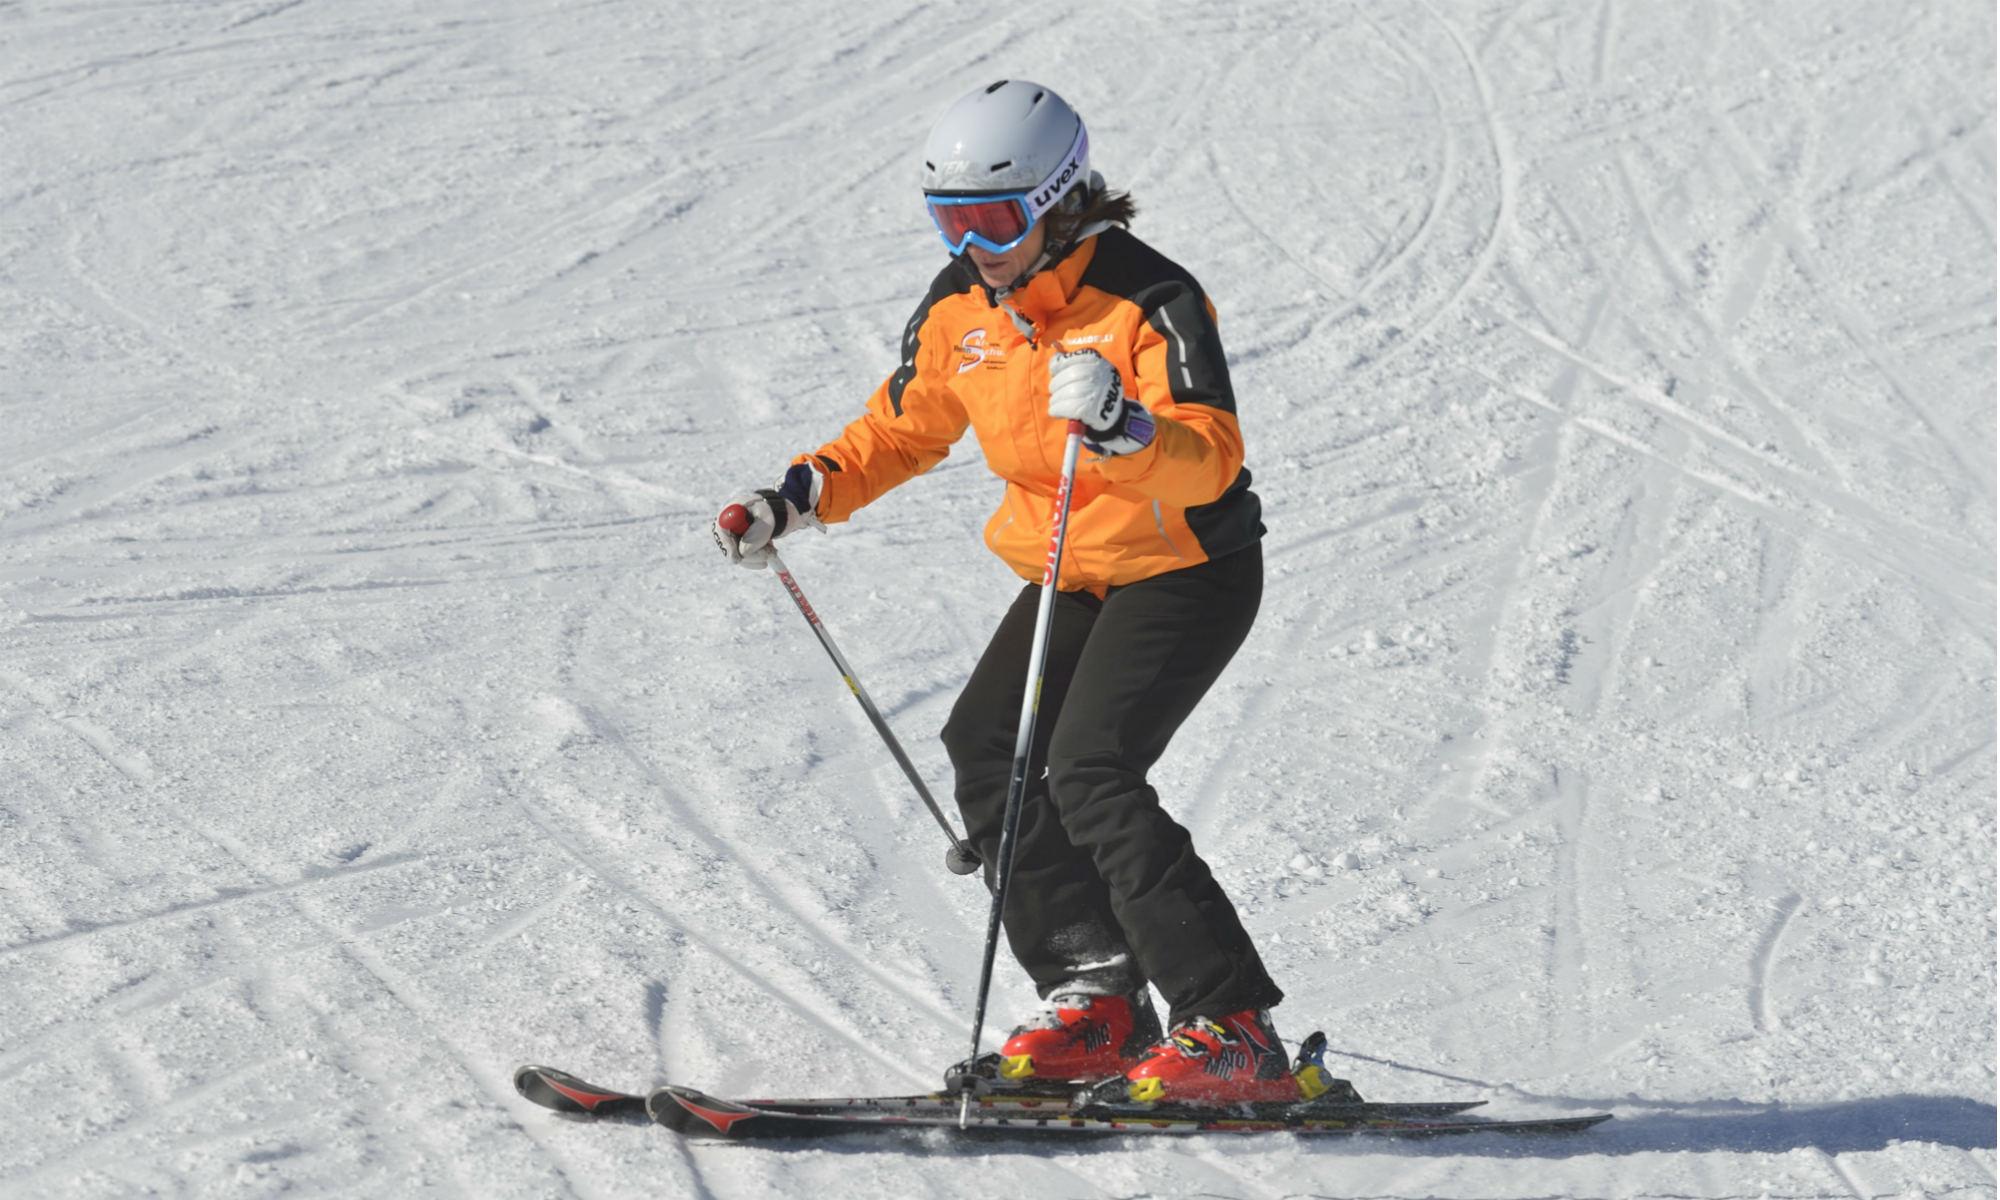 L'istruttrice Ingrid Salvenmoser dimostra come utilizzare le racchette da sci quando si esegue una curva a sci paralleli.